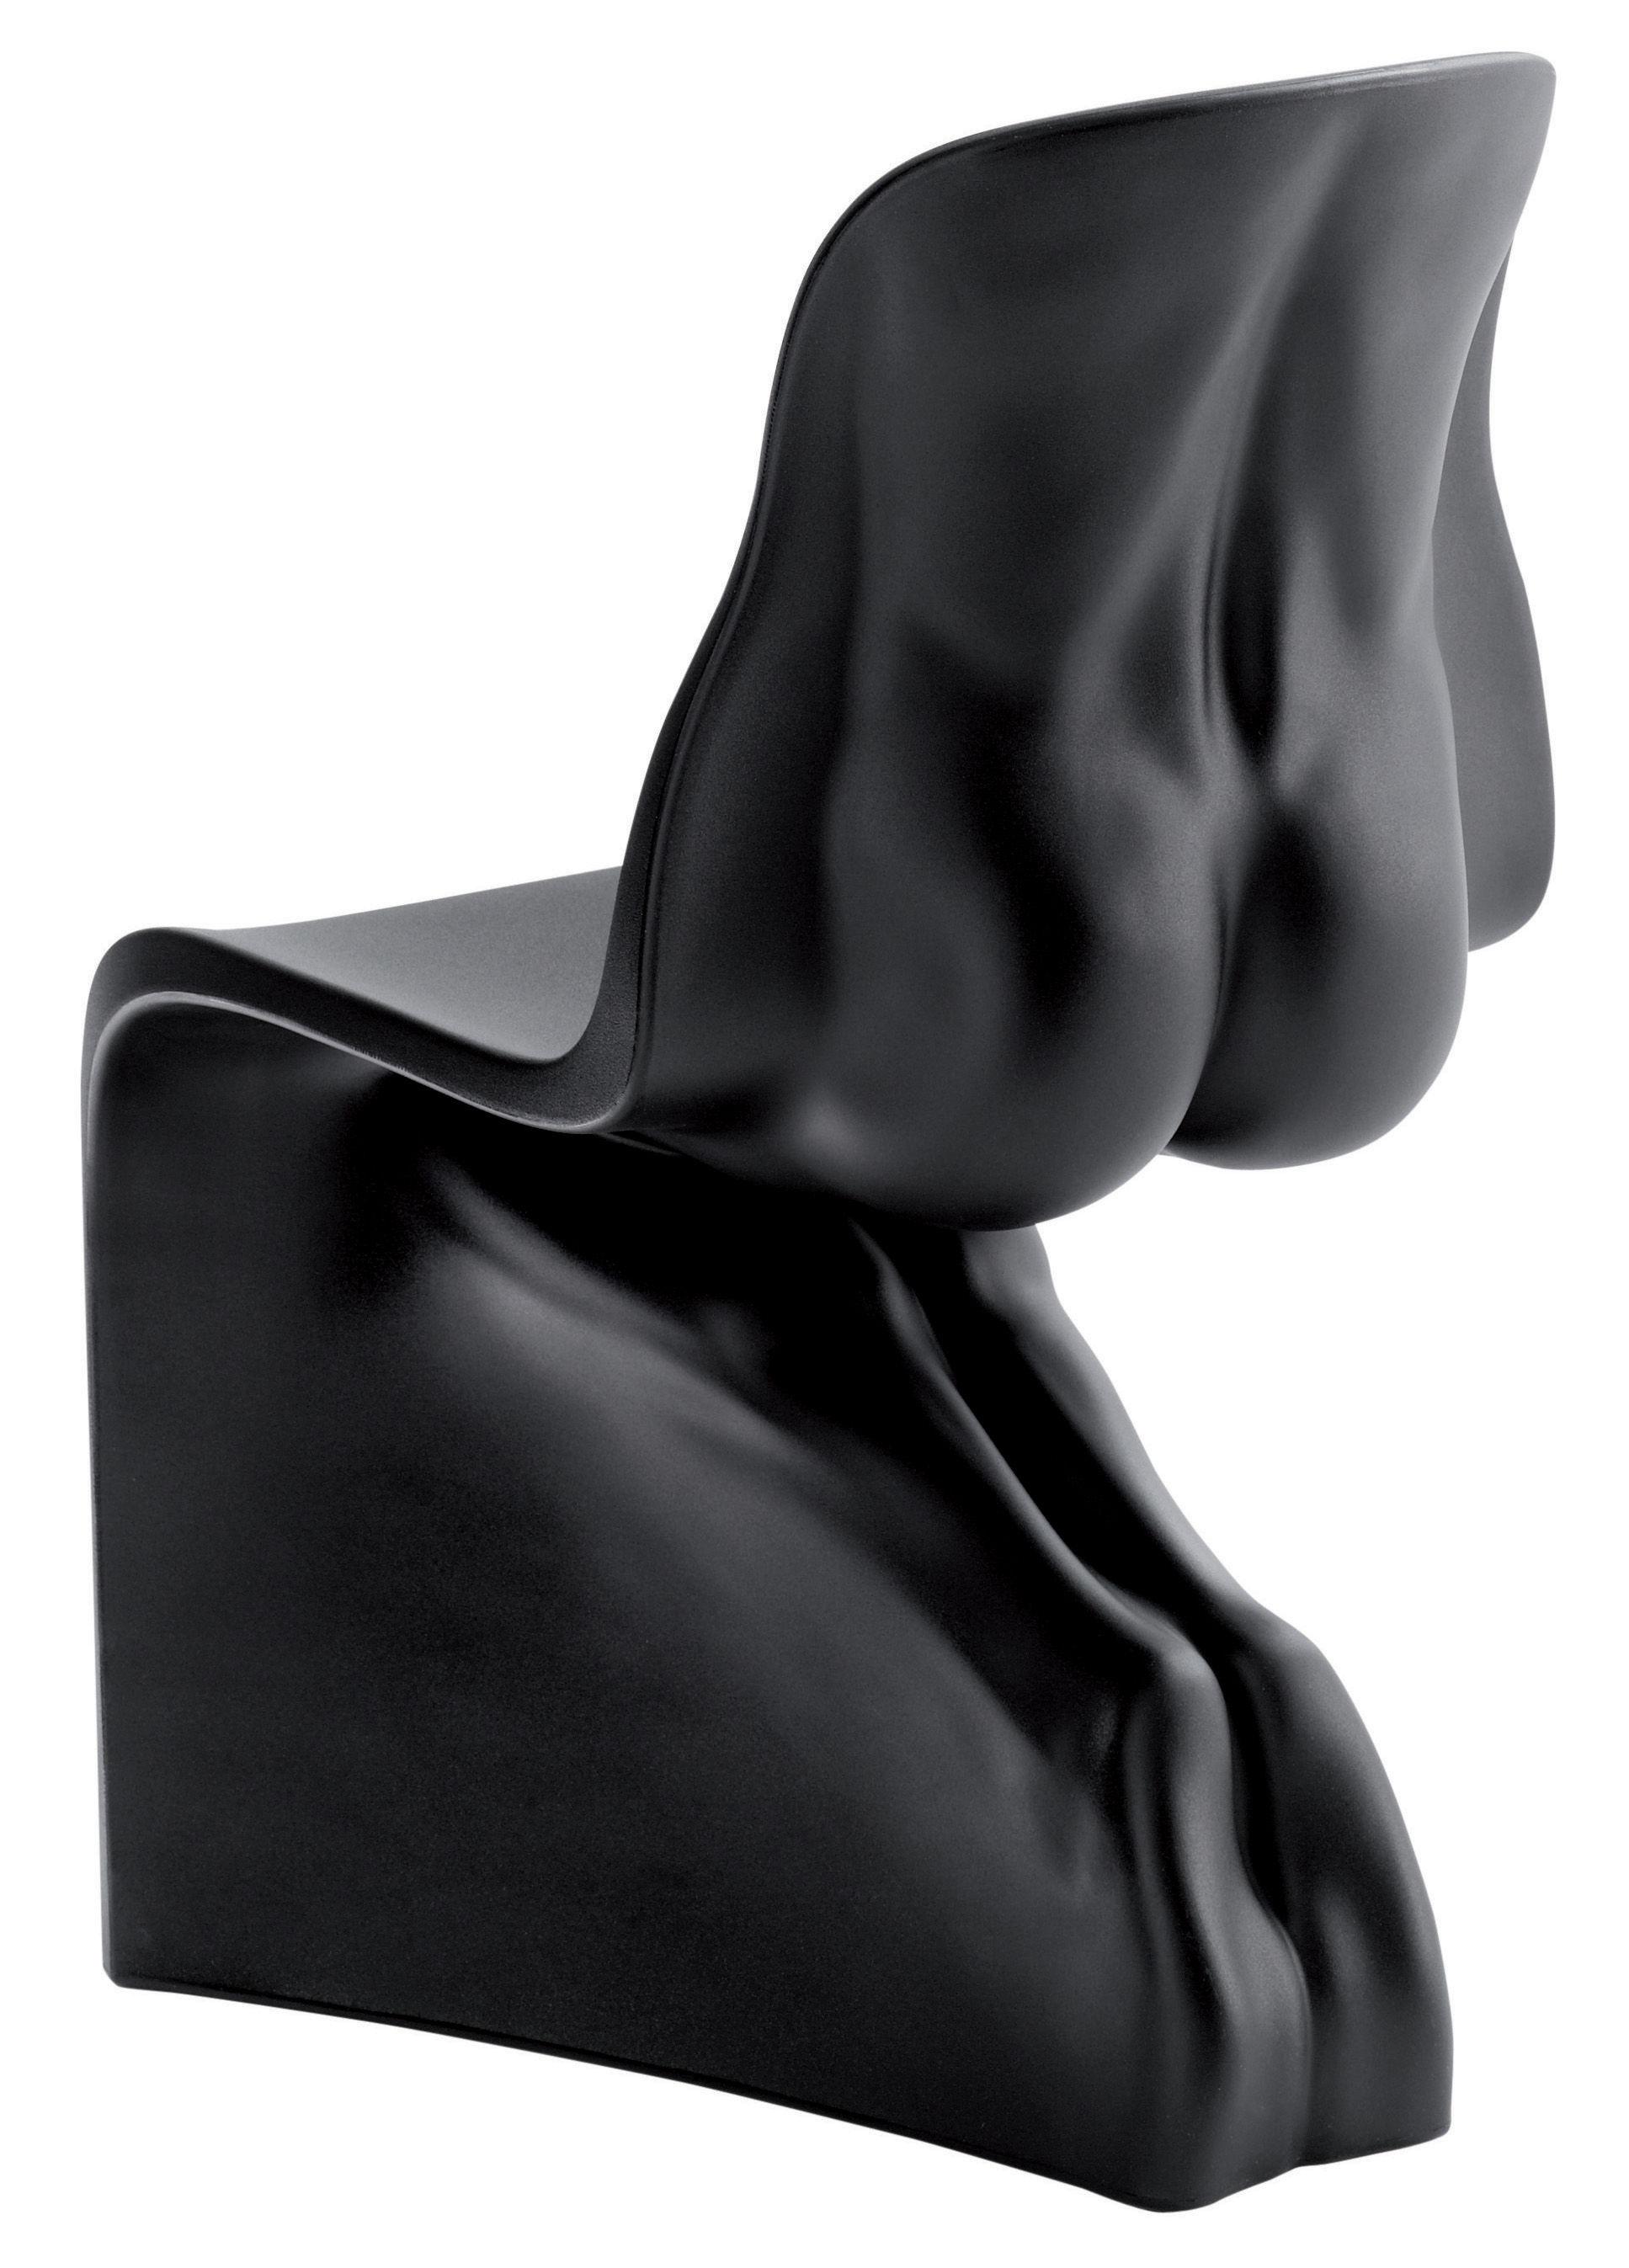 Mobilier - Chaises, fauteuils de salle à manger - Chaise Him / Plastique - Casamania - Noir - Polyéthylène